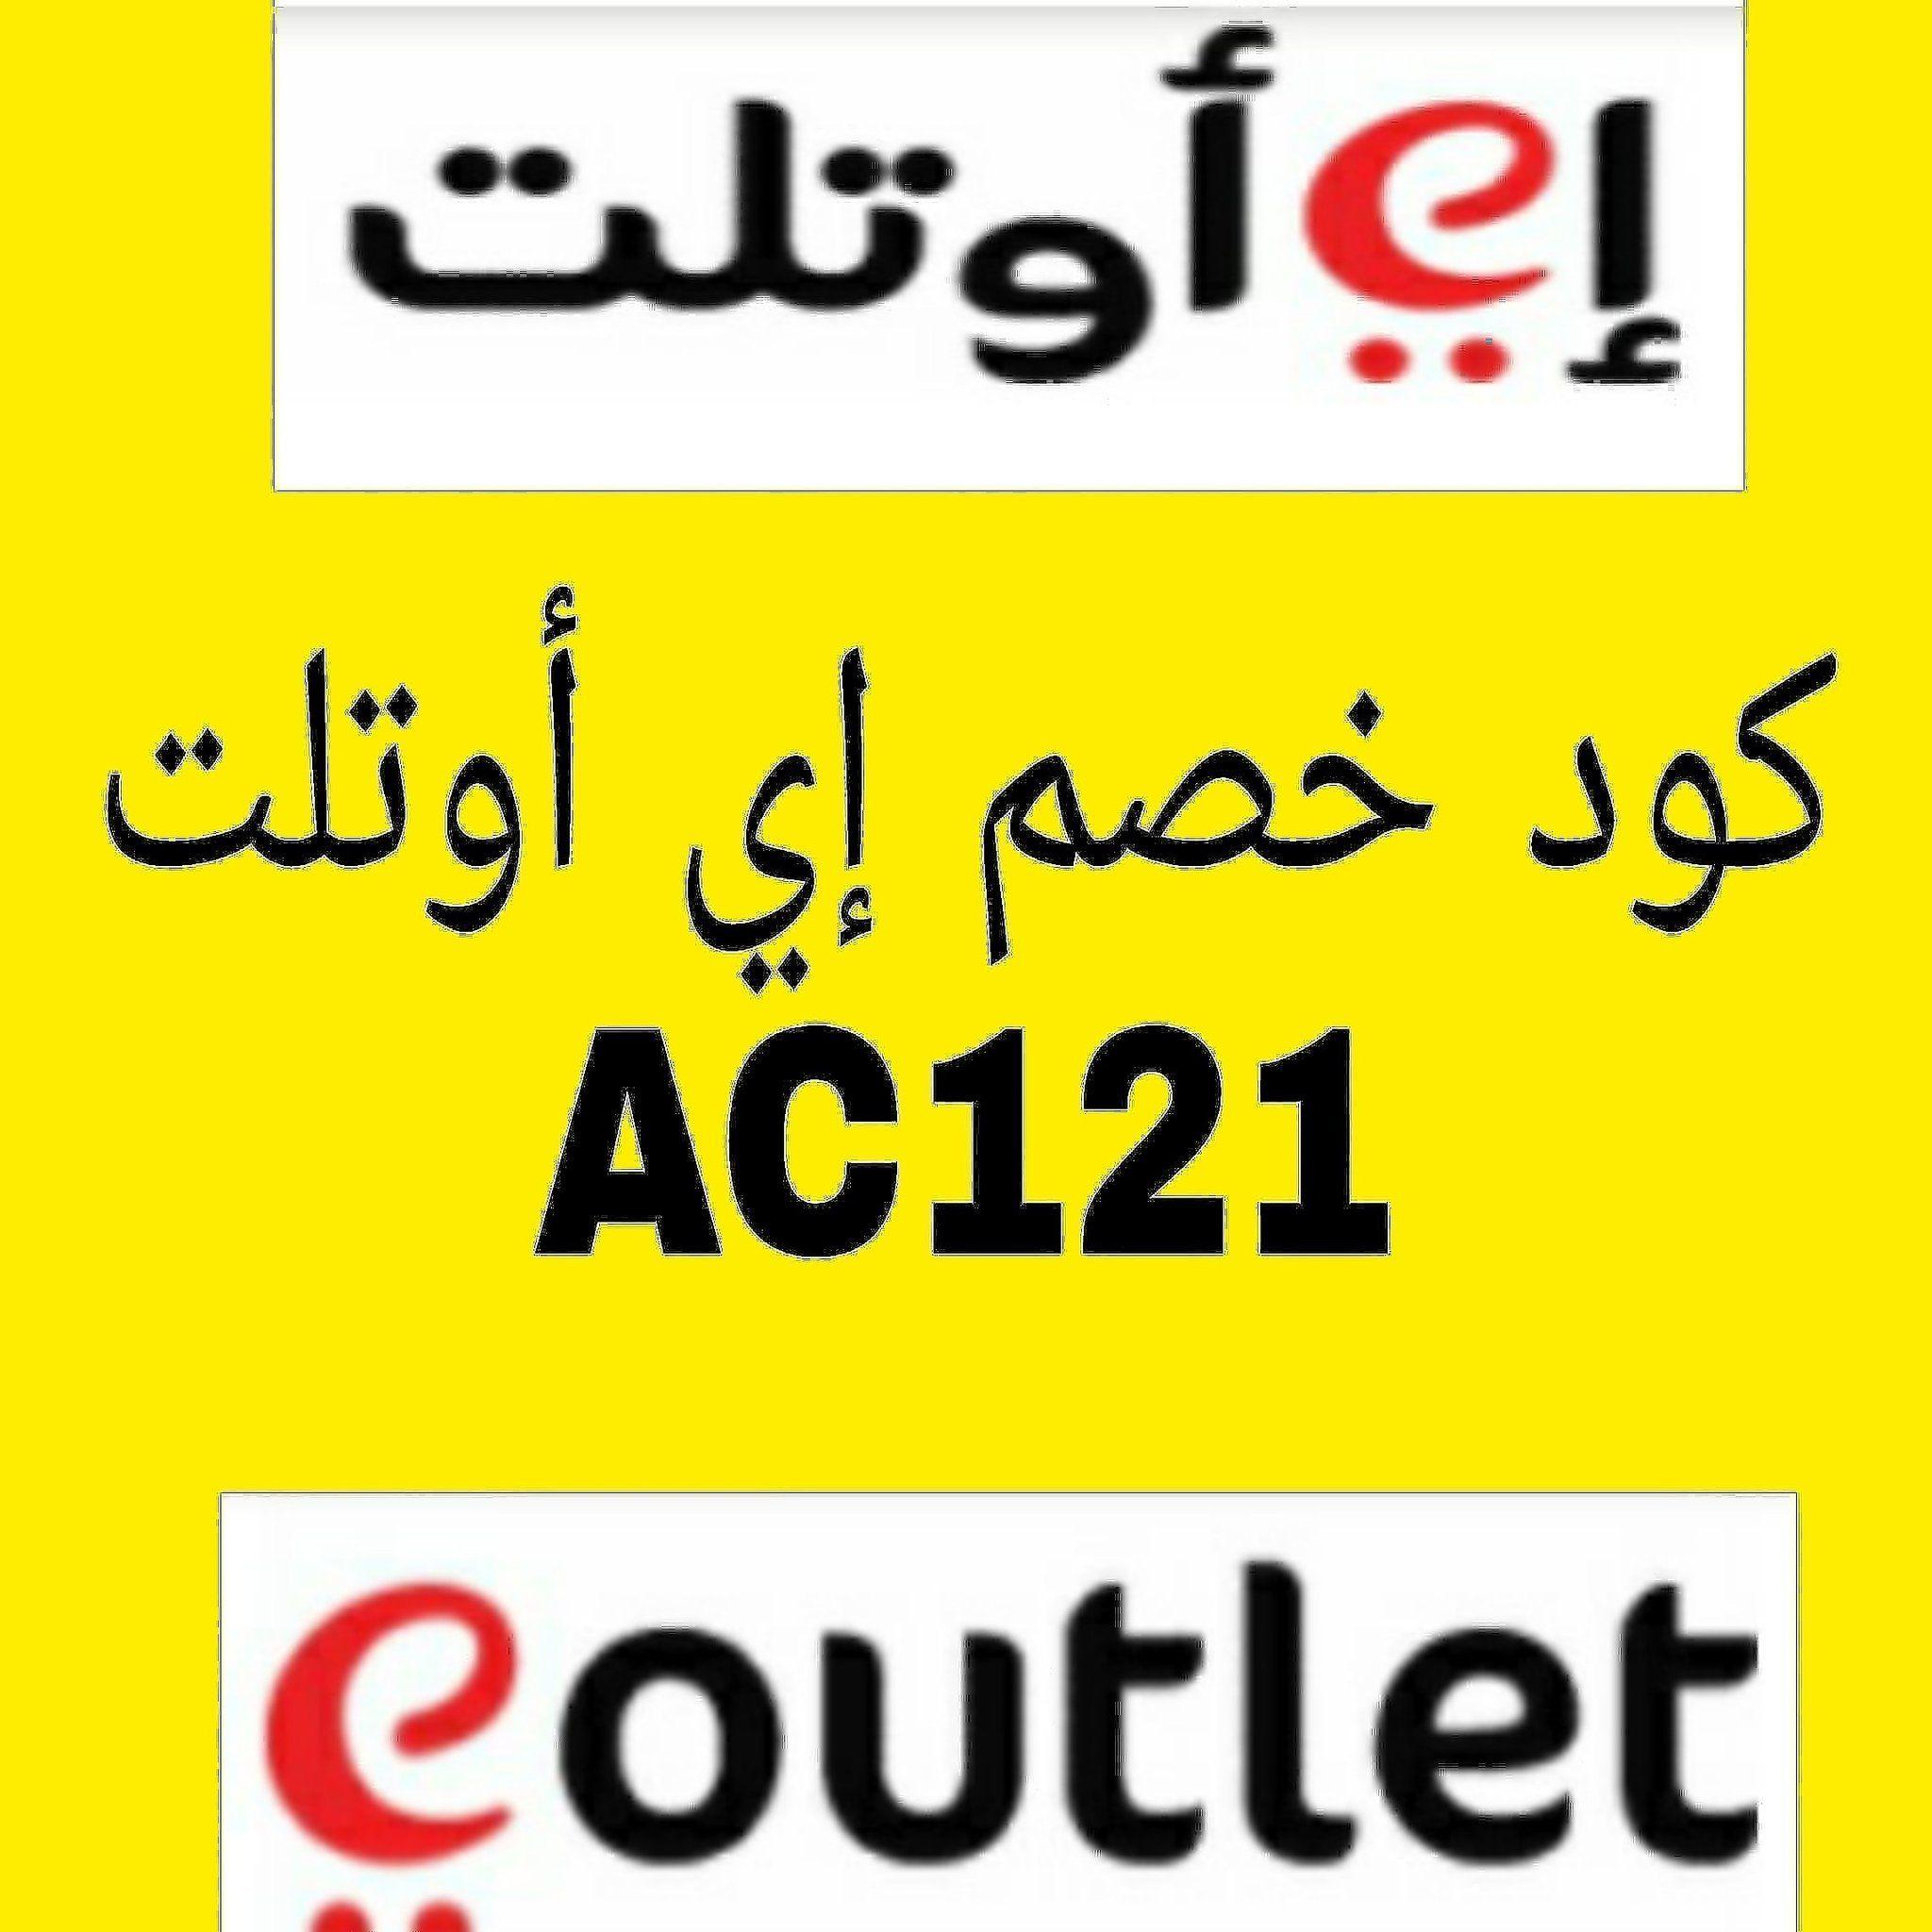 كود خصم اي اوتلت Ac121 Novelty Sign Playbill Novelty